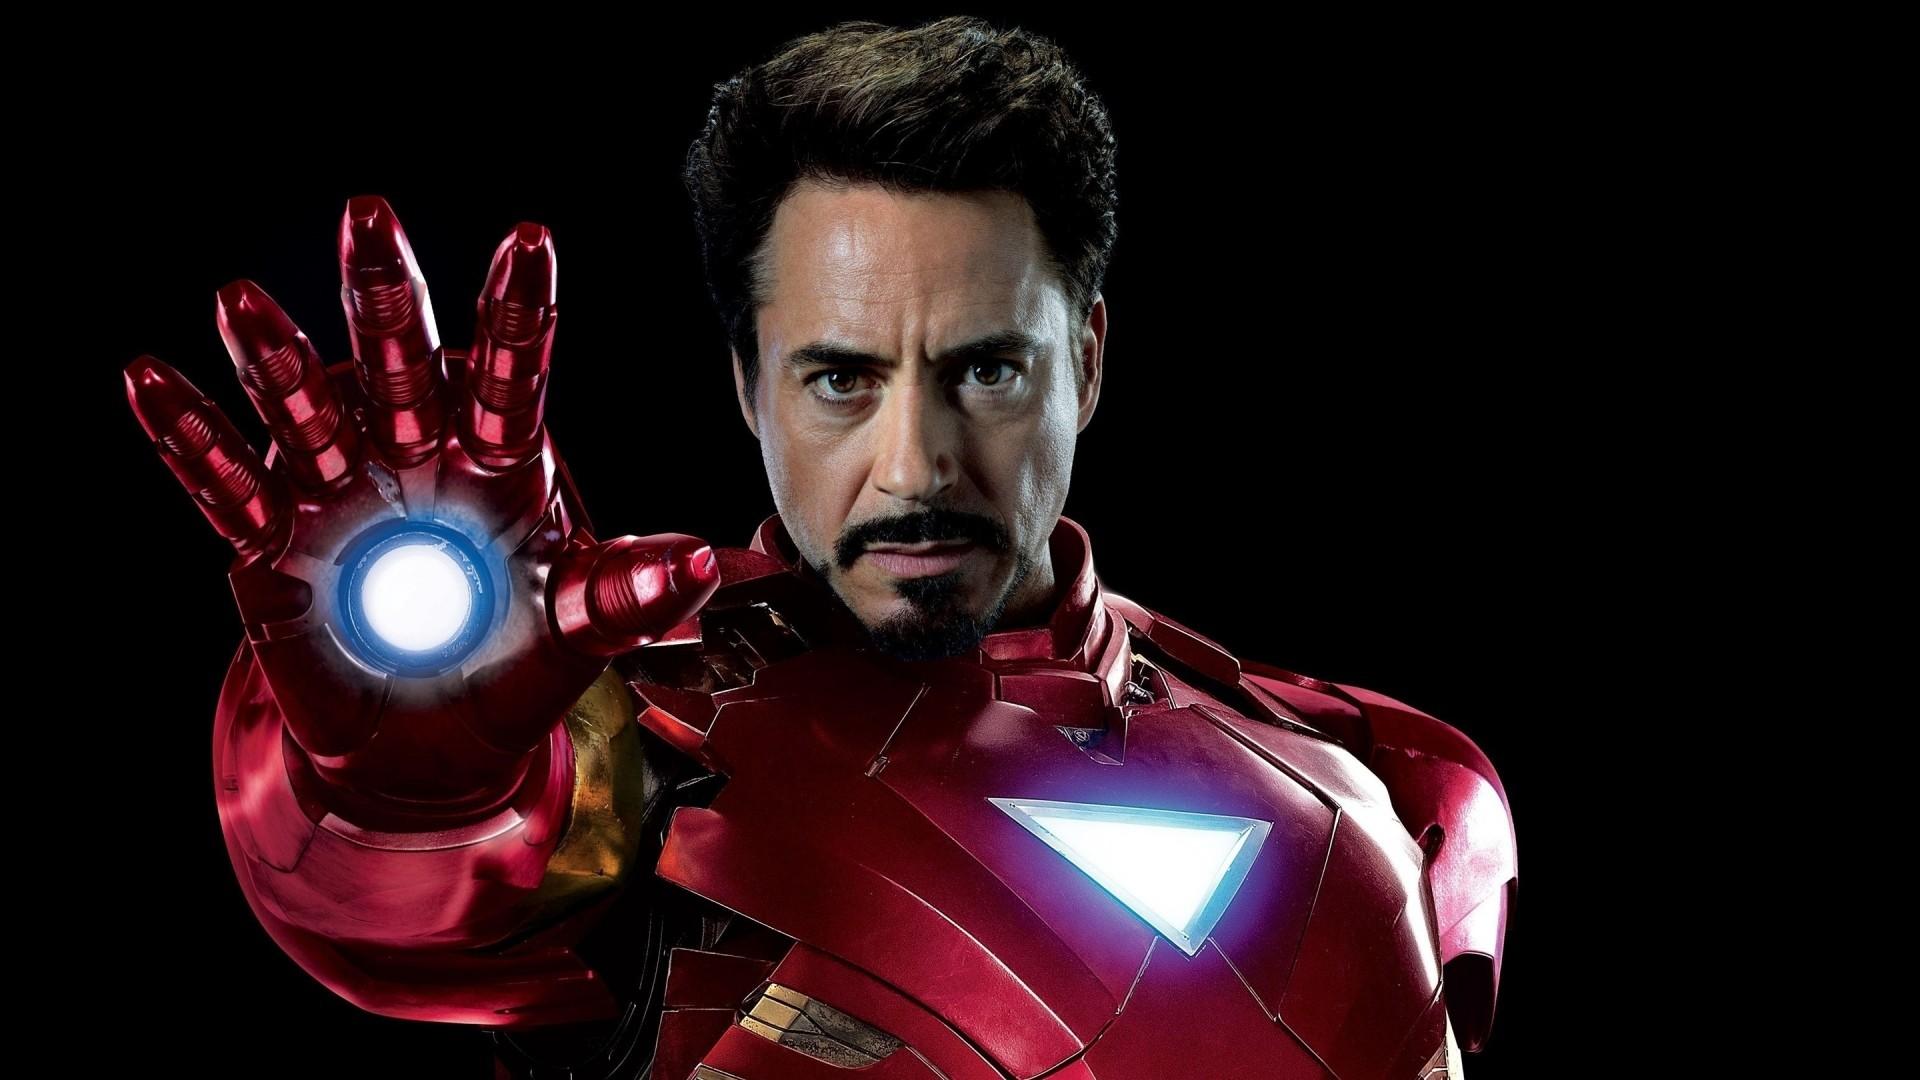 Wallpaper iron man, the avengers, robert downey junior